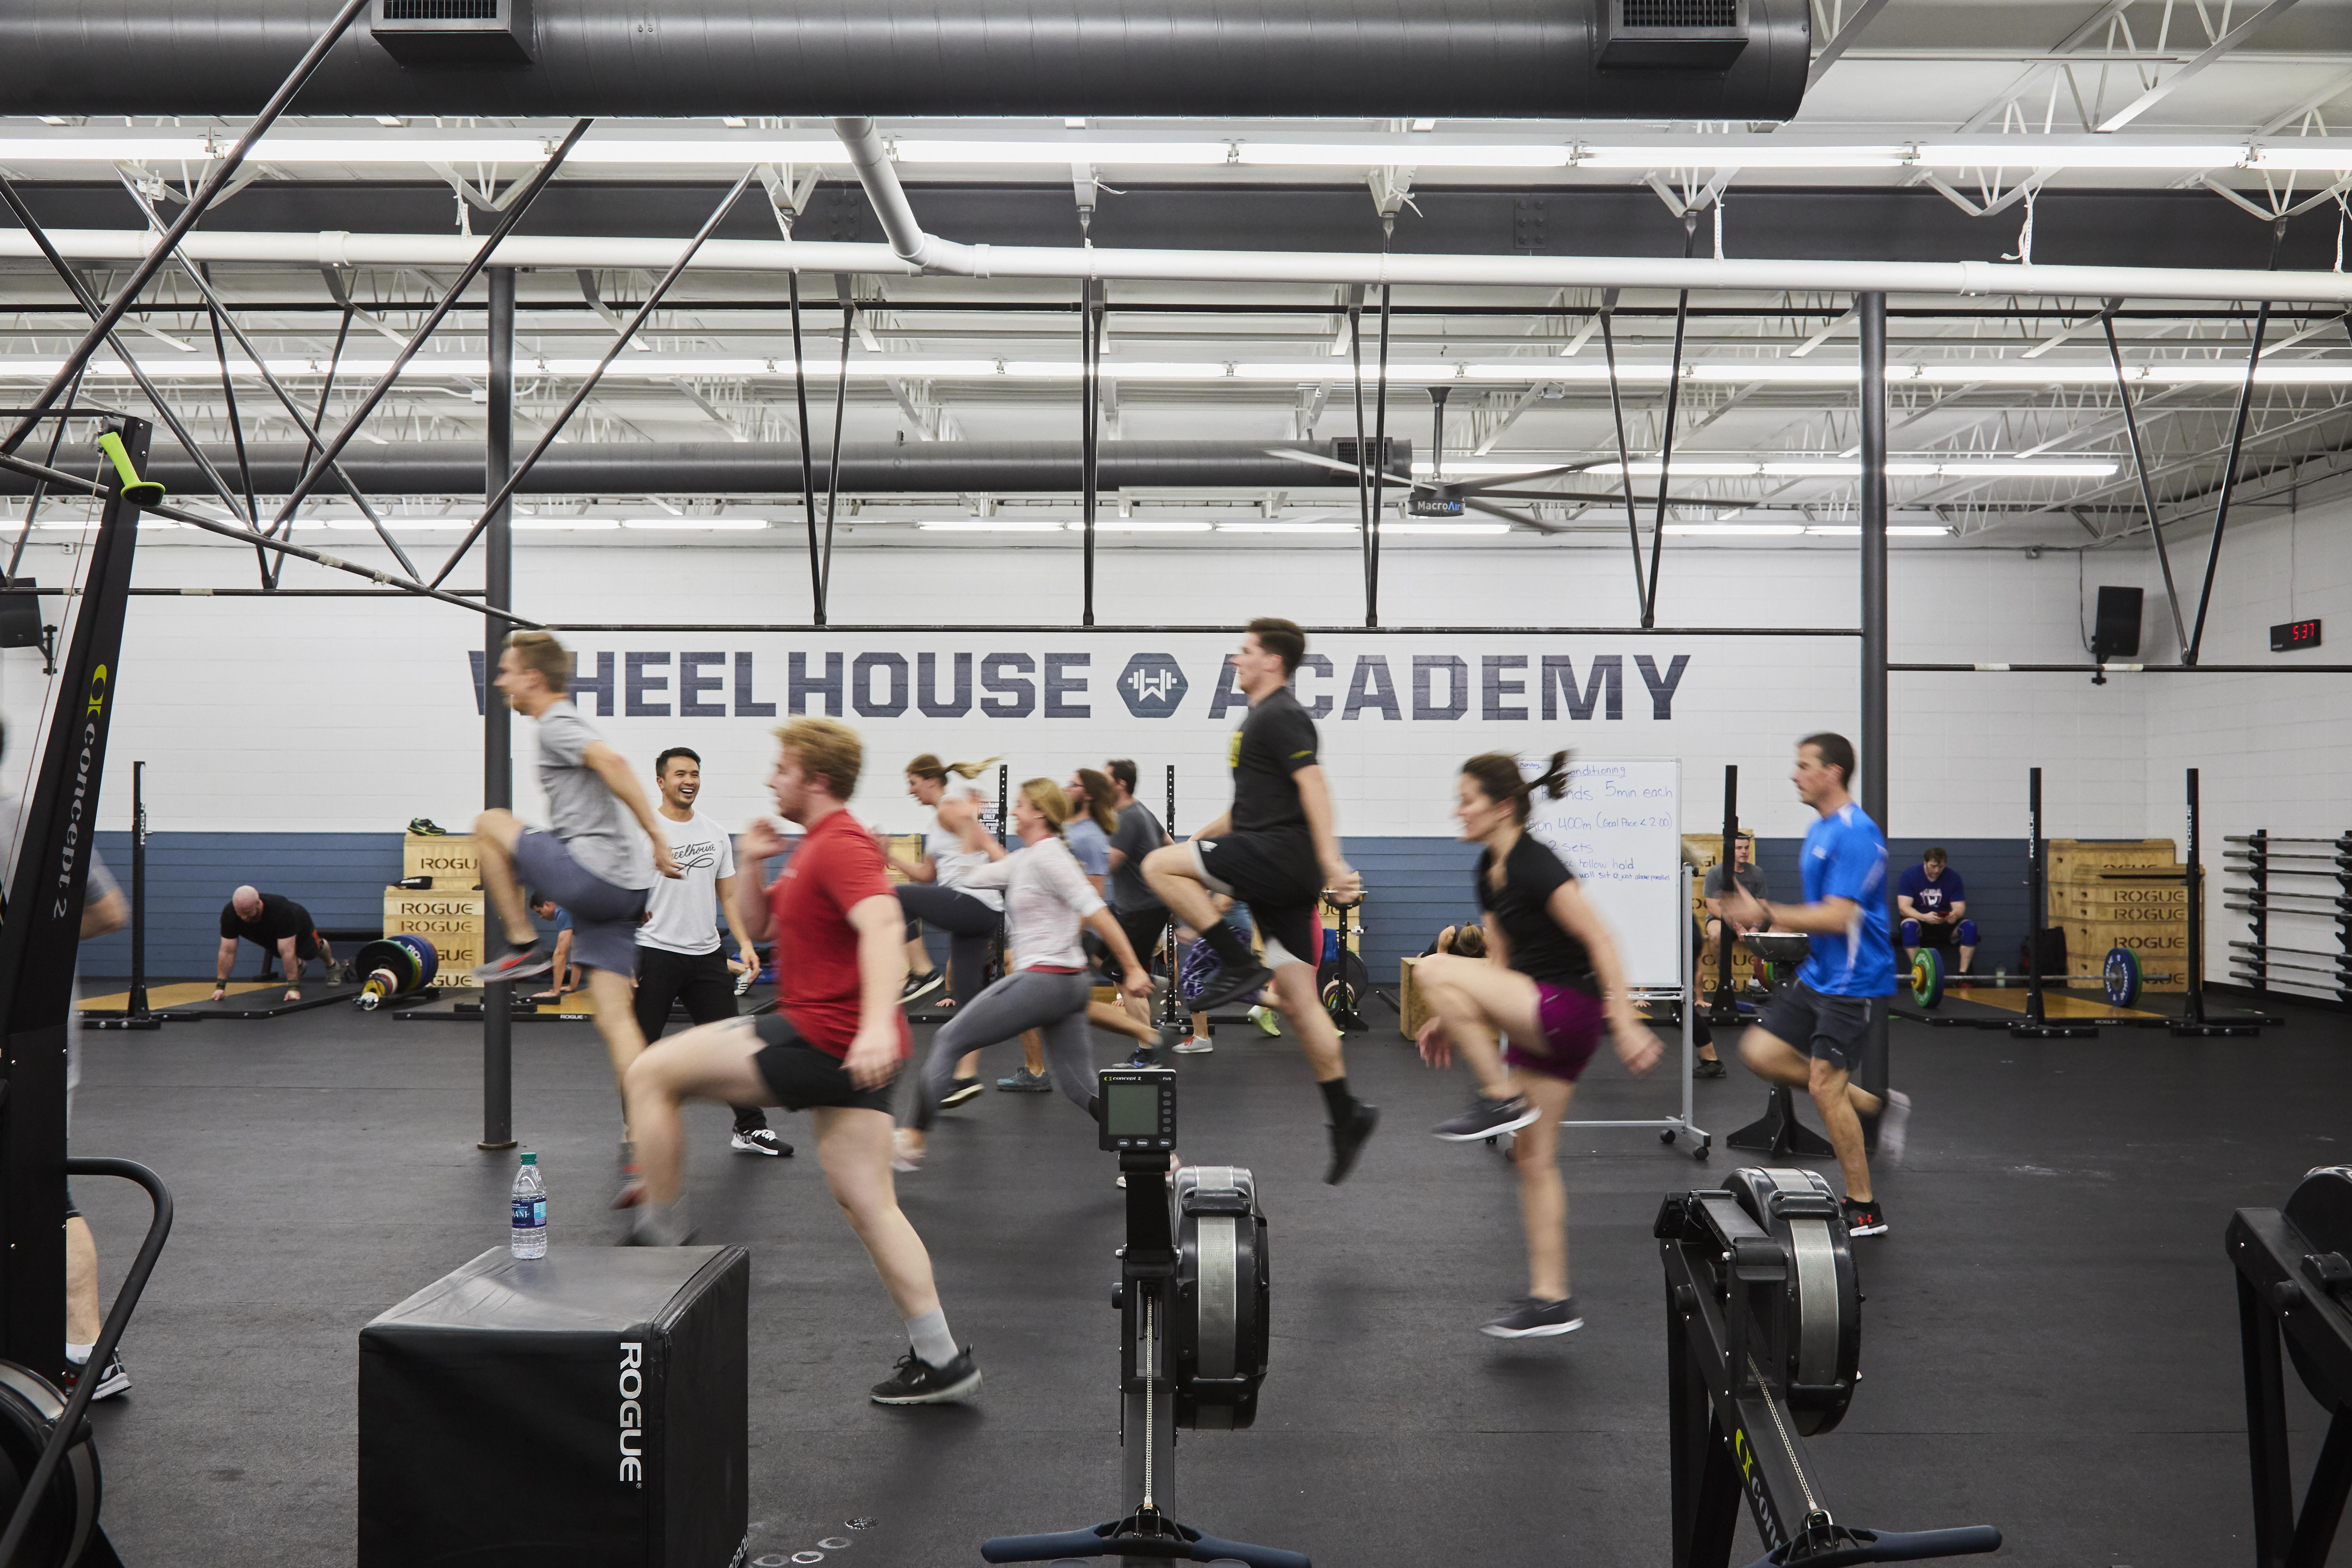 Wheelhouse Academy